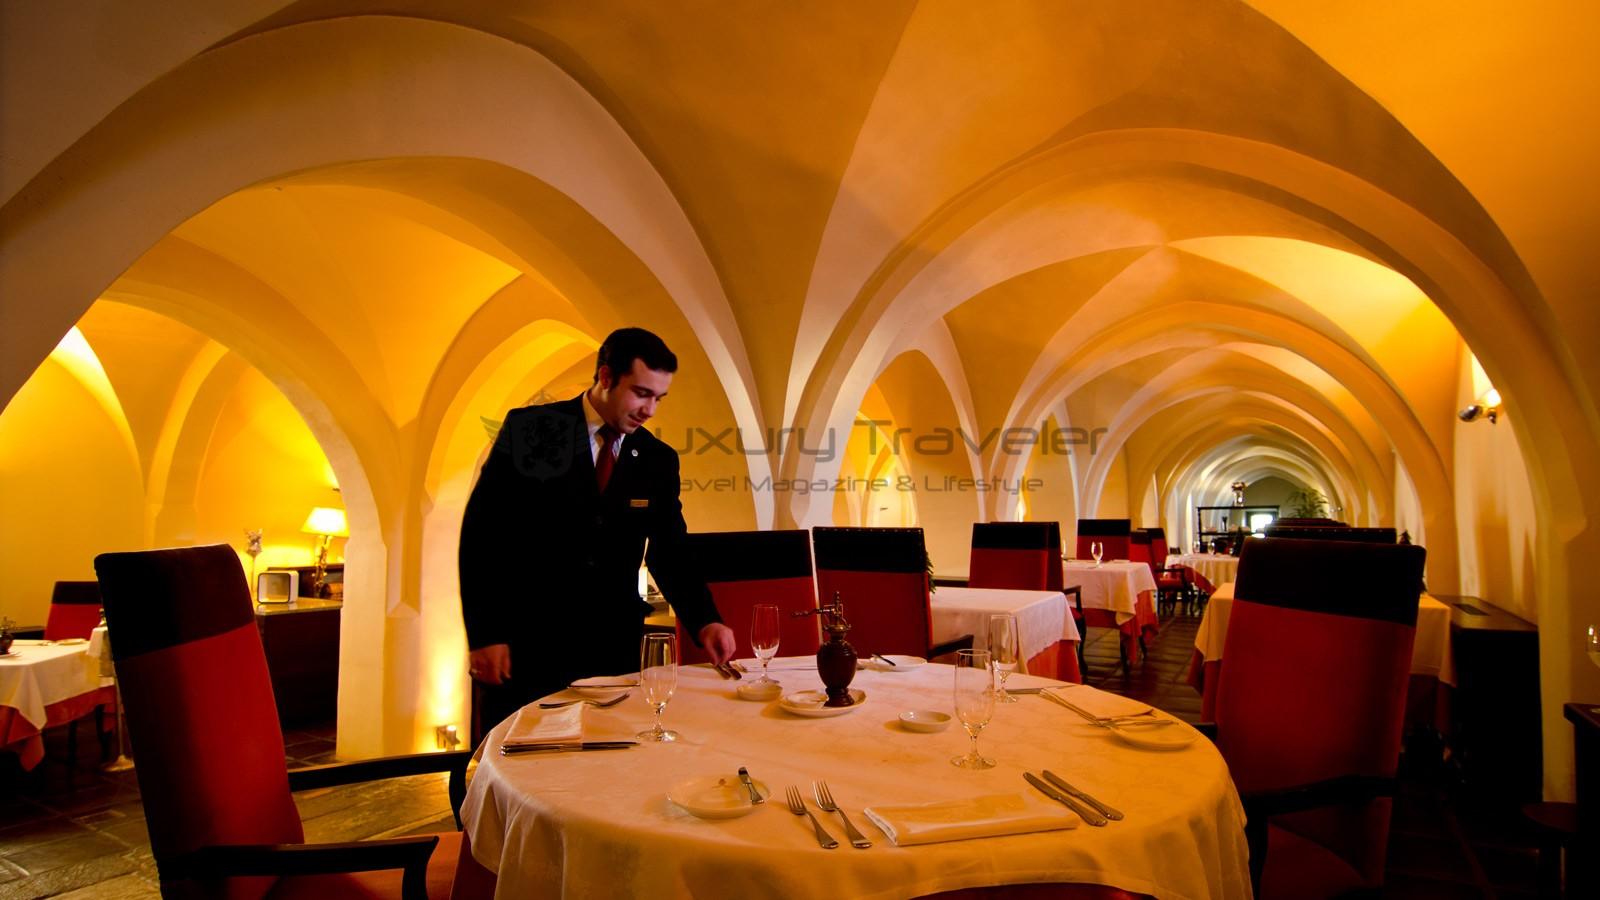 Convento_Espinheiro_Hotel_Evora_Starwood_Restaurant_Divinus